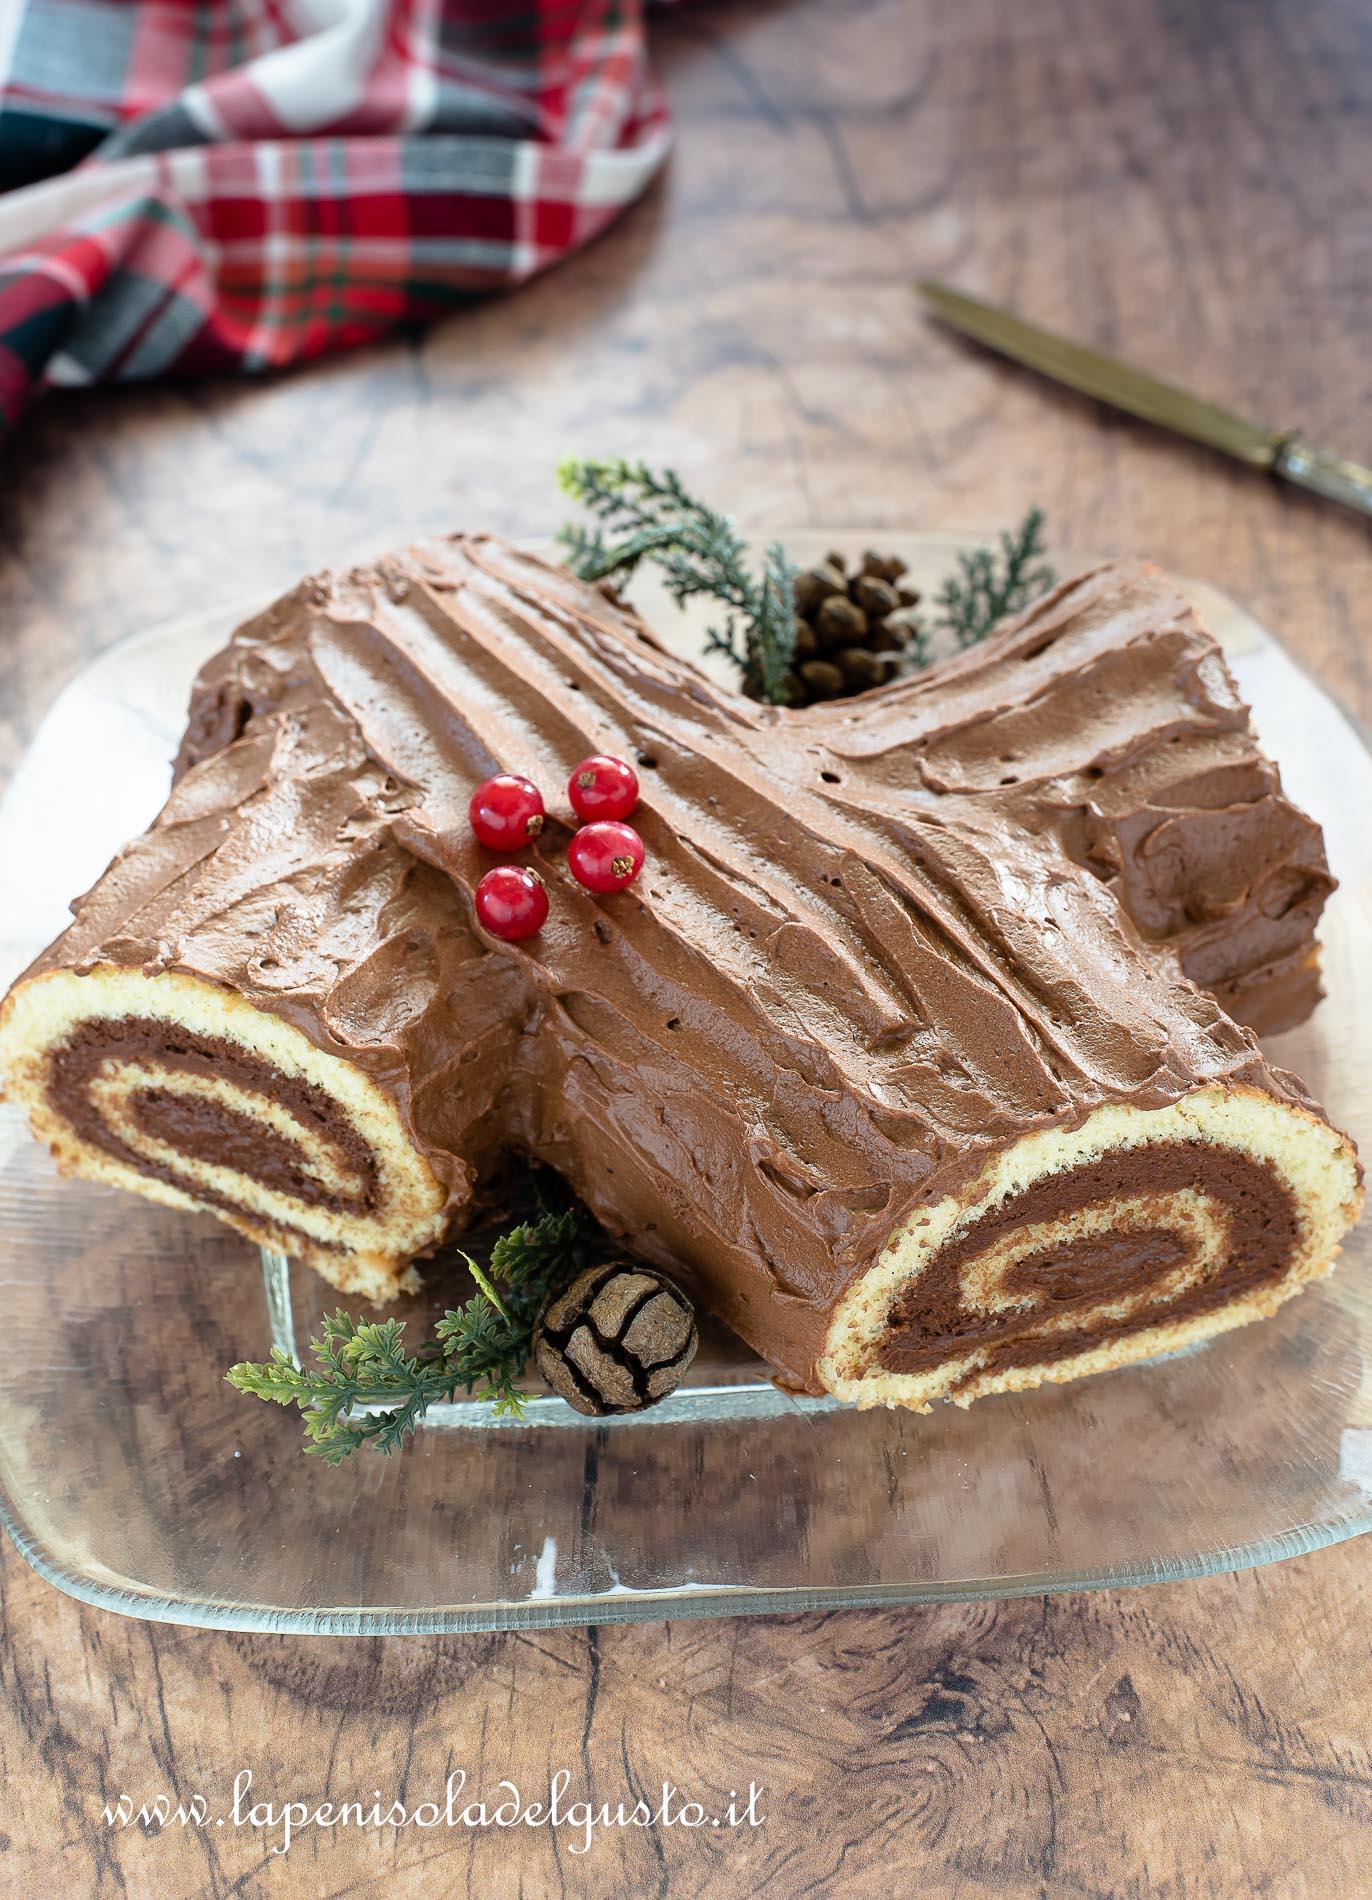 Come Decorare Il Tronchetto Di Natale.Tronchetto Di Natale Facilissimo E Goloso Con Mousse Al Cioccolato